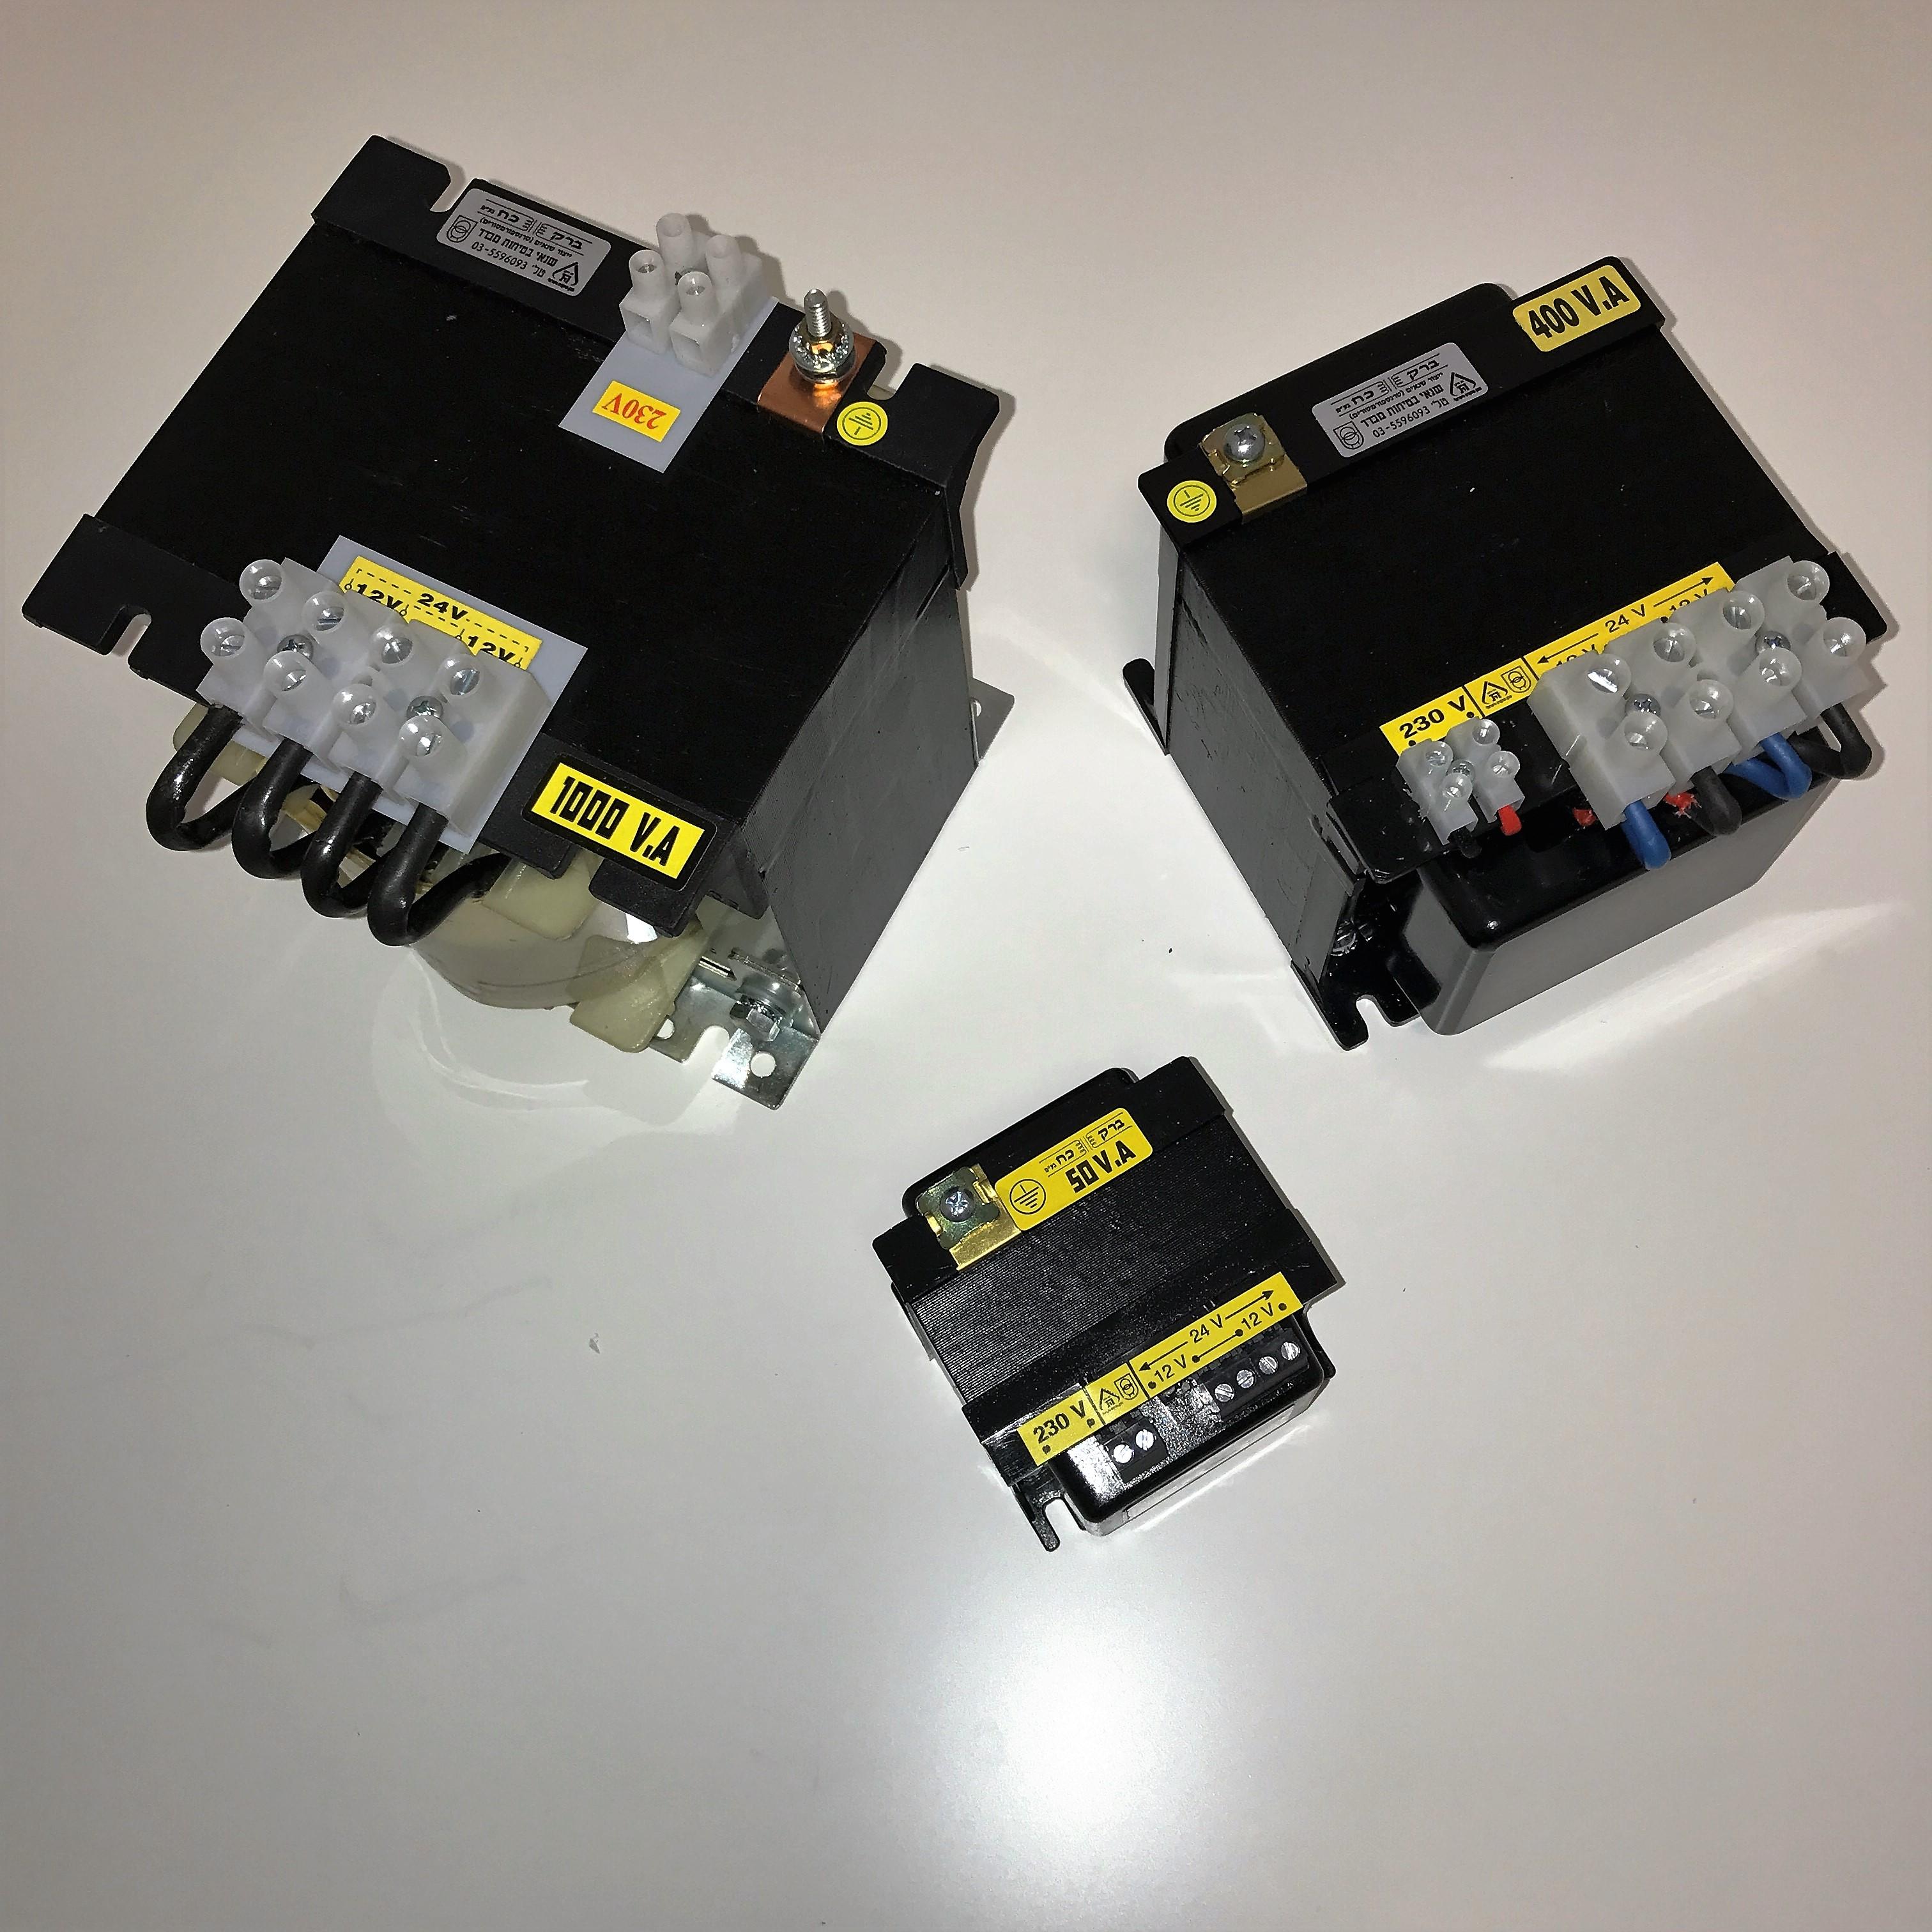 שנאי מבדל בהספק 5000VA במתחים 230V-24V